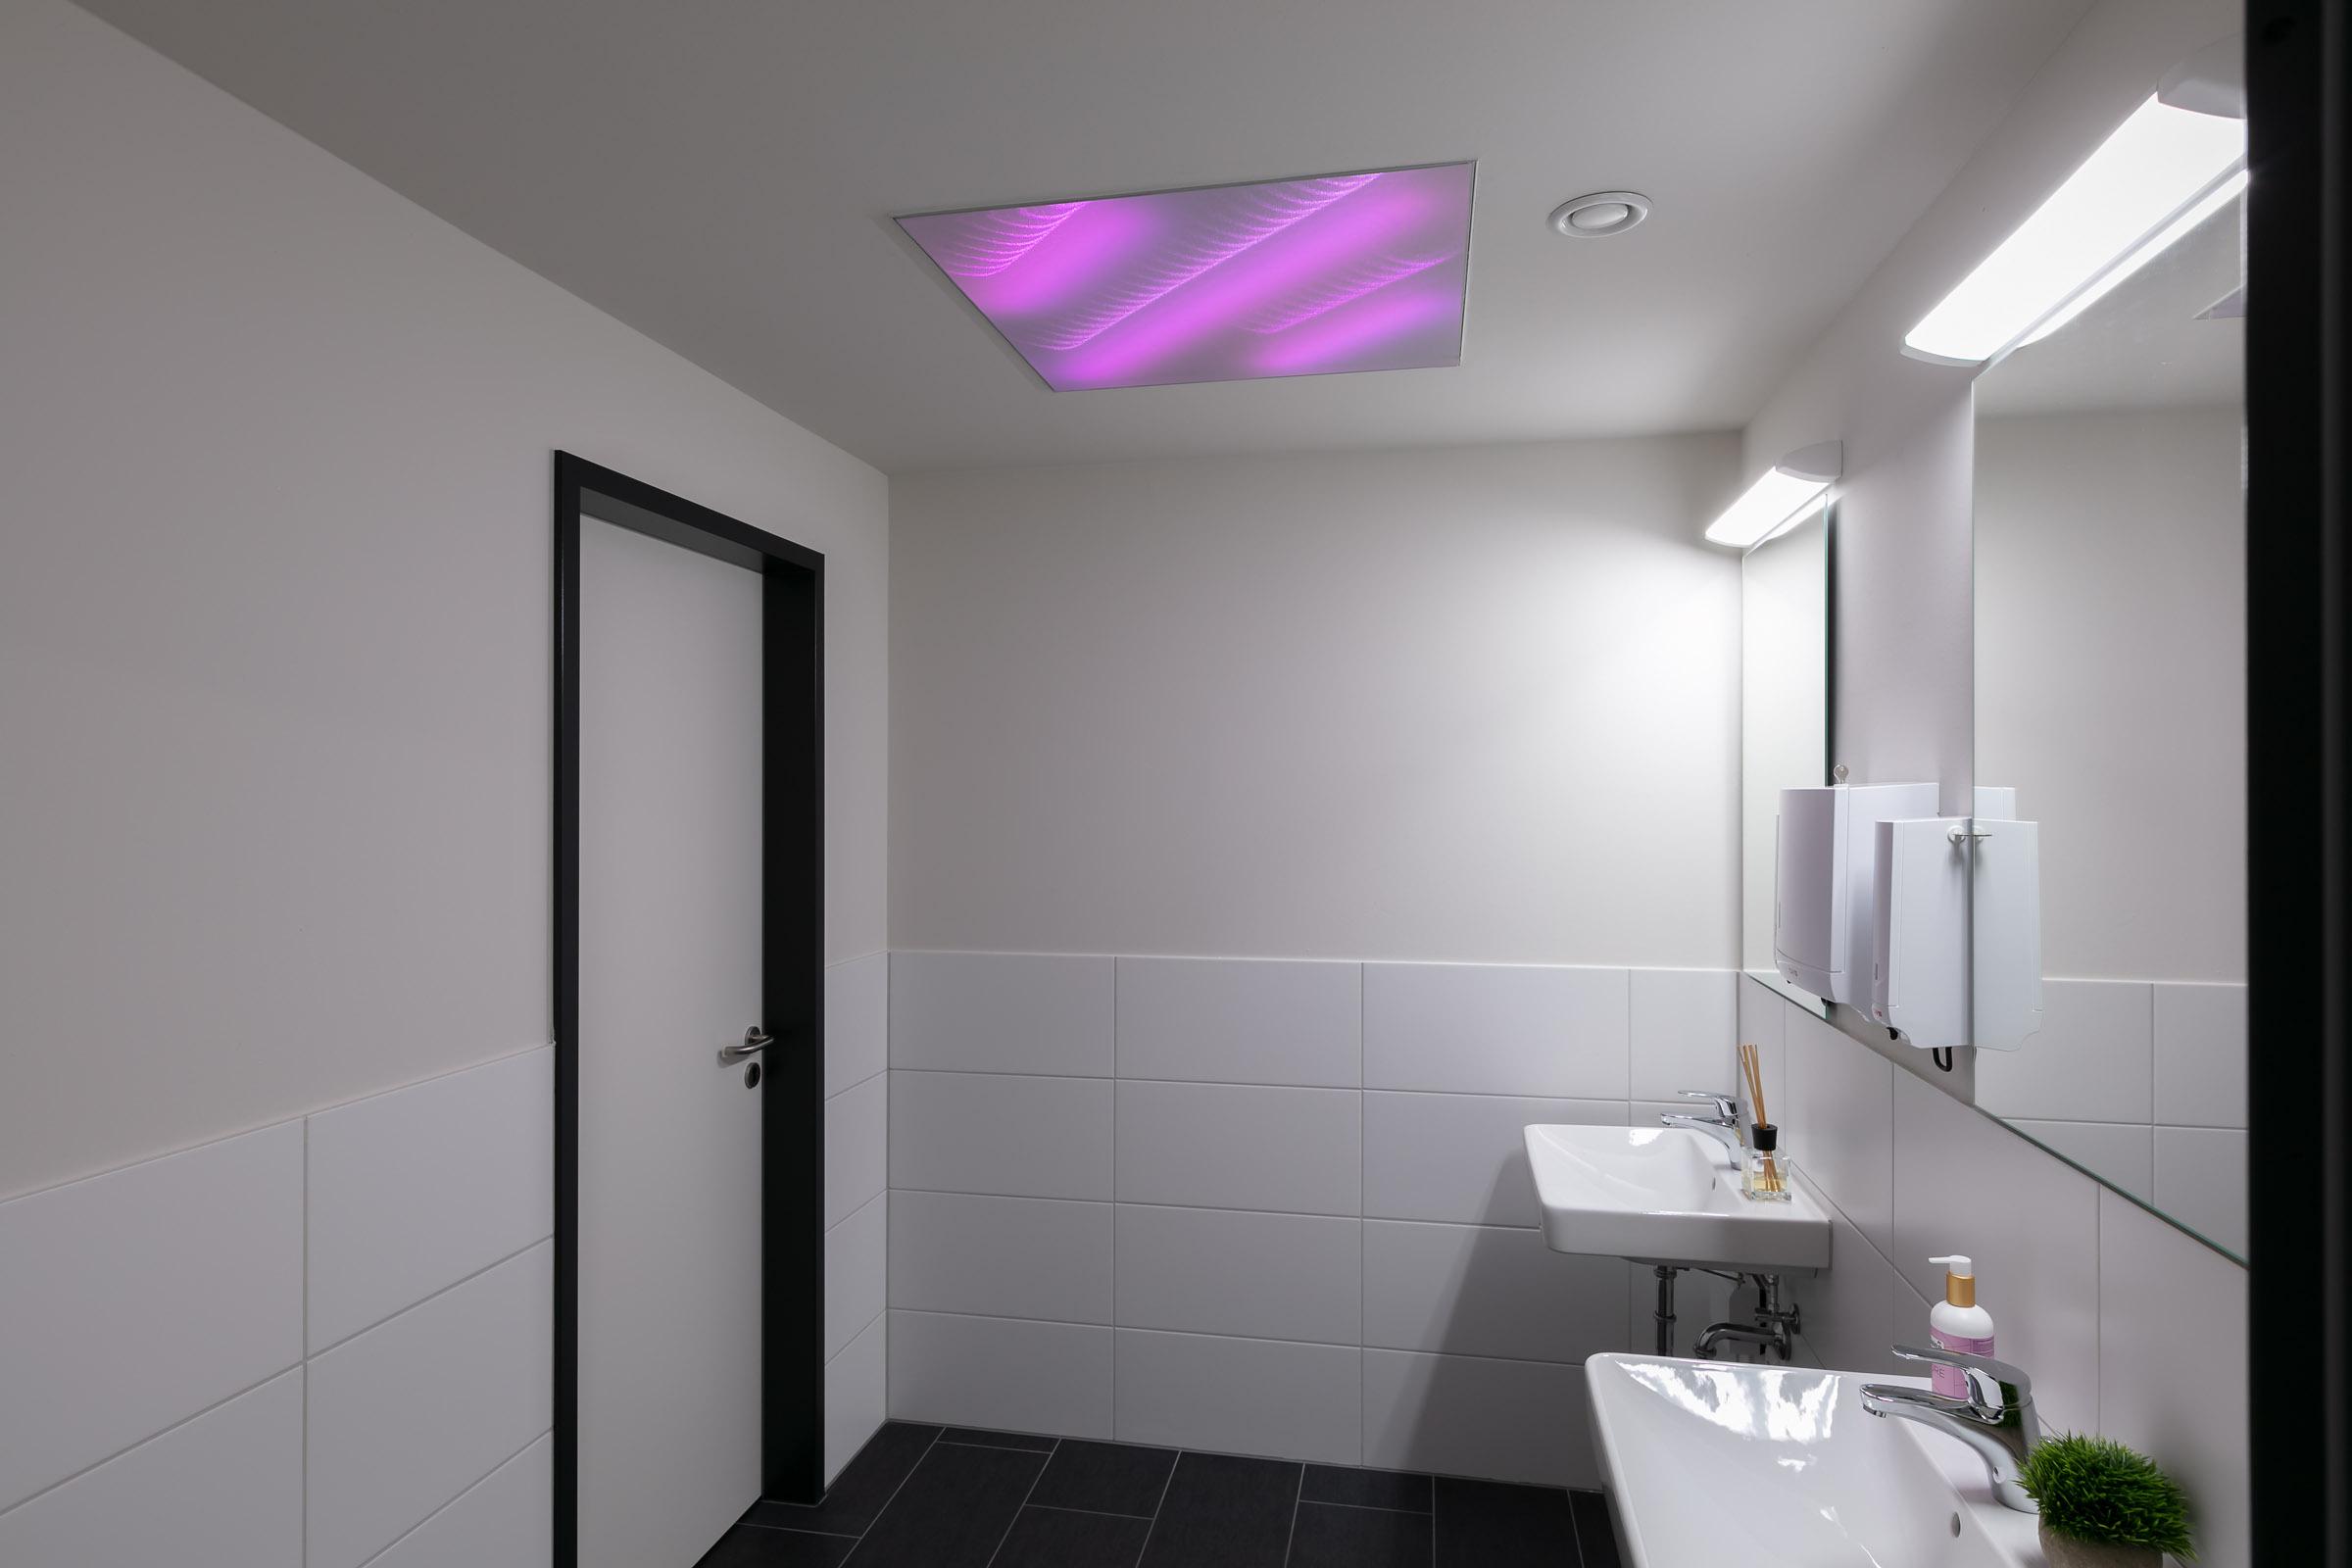 WC mit lila leuchtender textiler Lichtdecke integriert in Decke